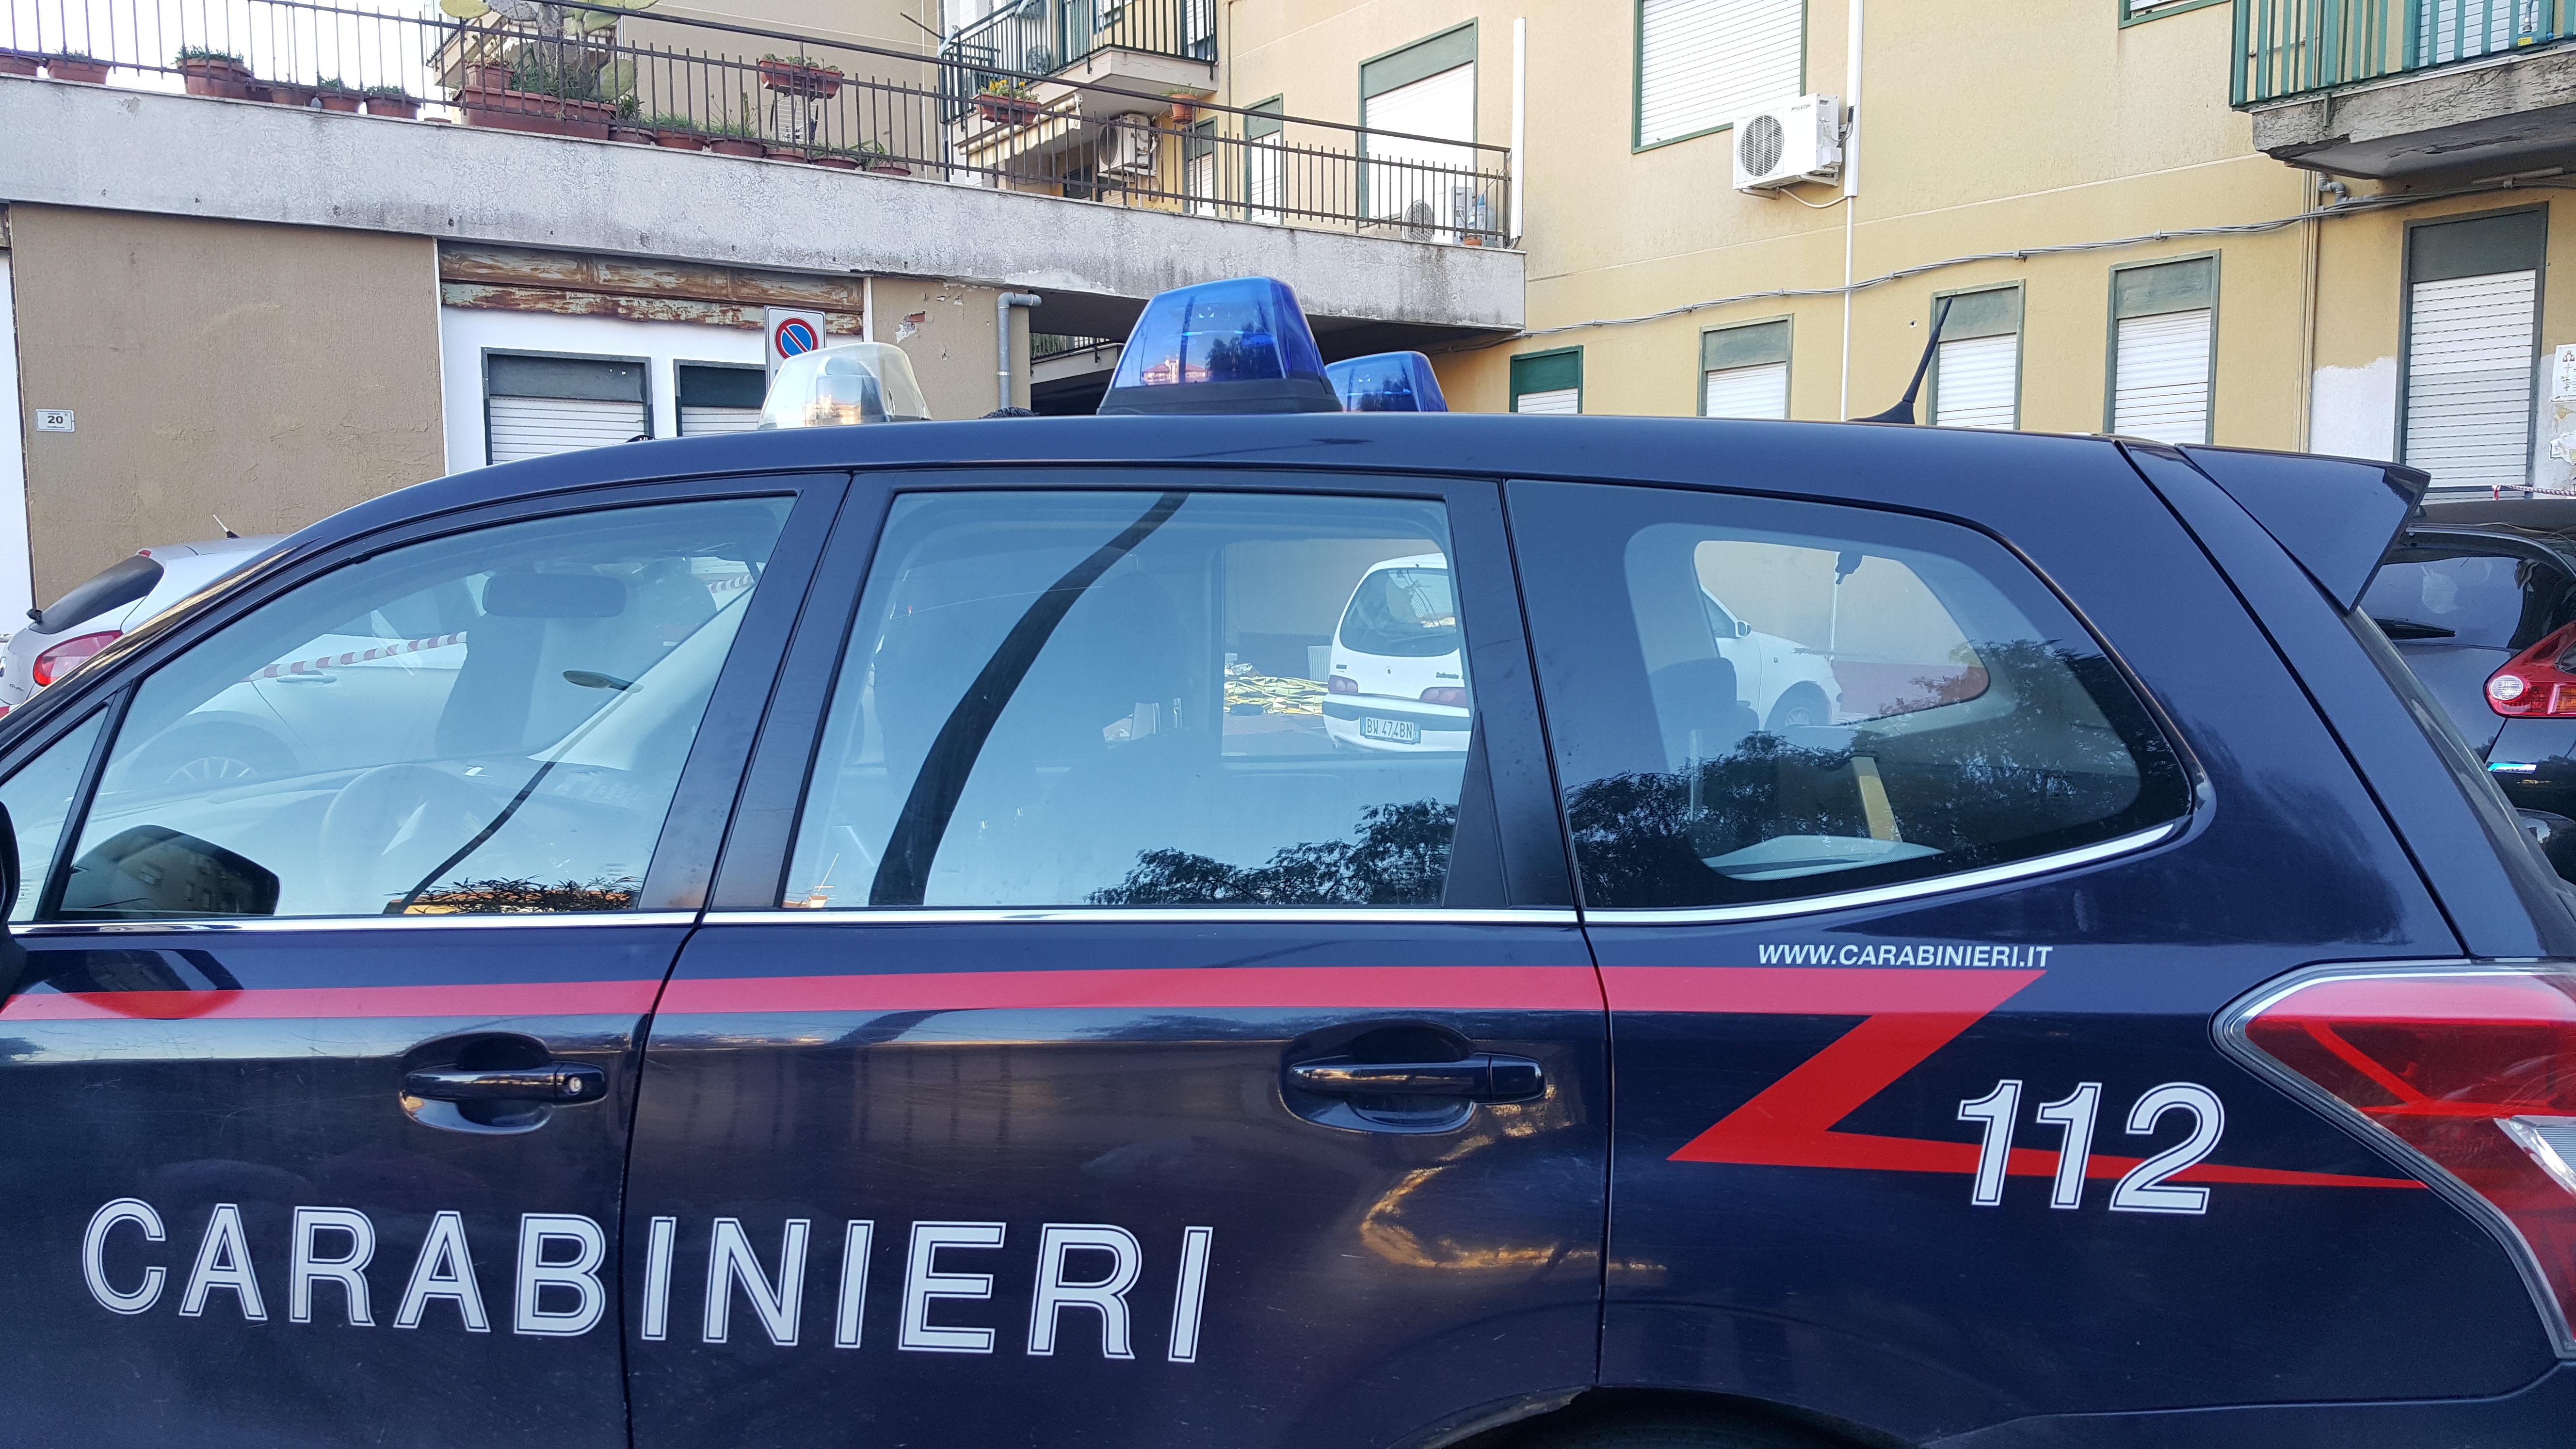 Omicidio a Carlentini, ucciso un muratore a colpi di pistola.